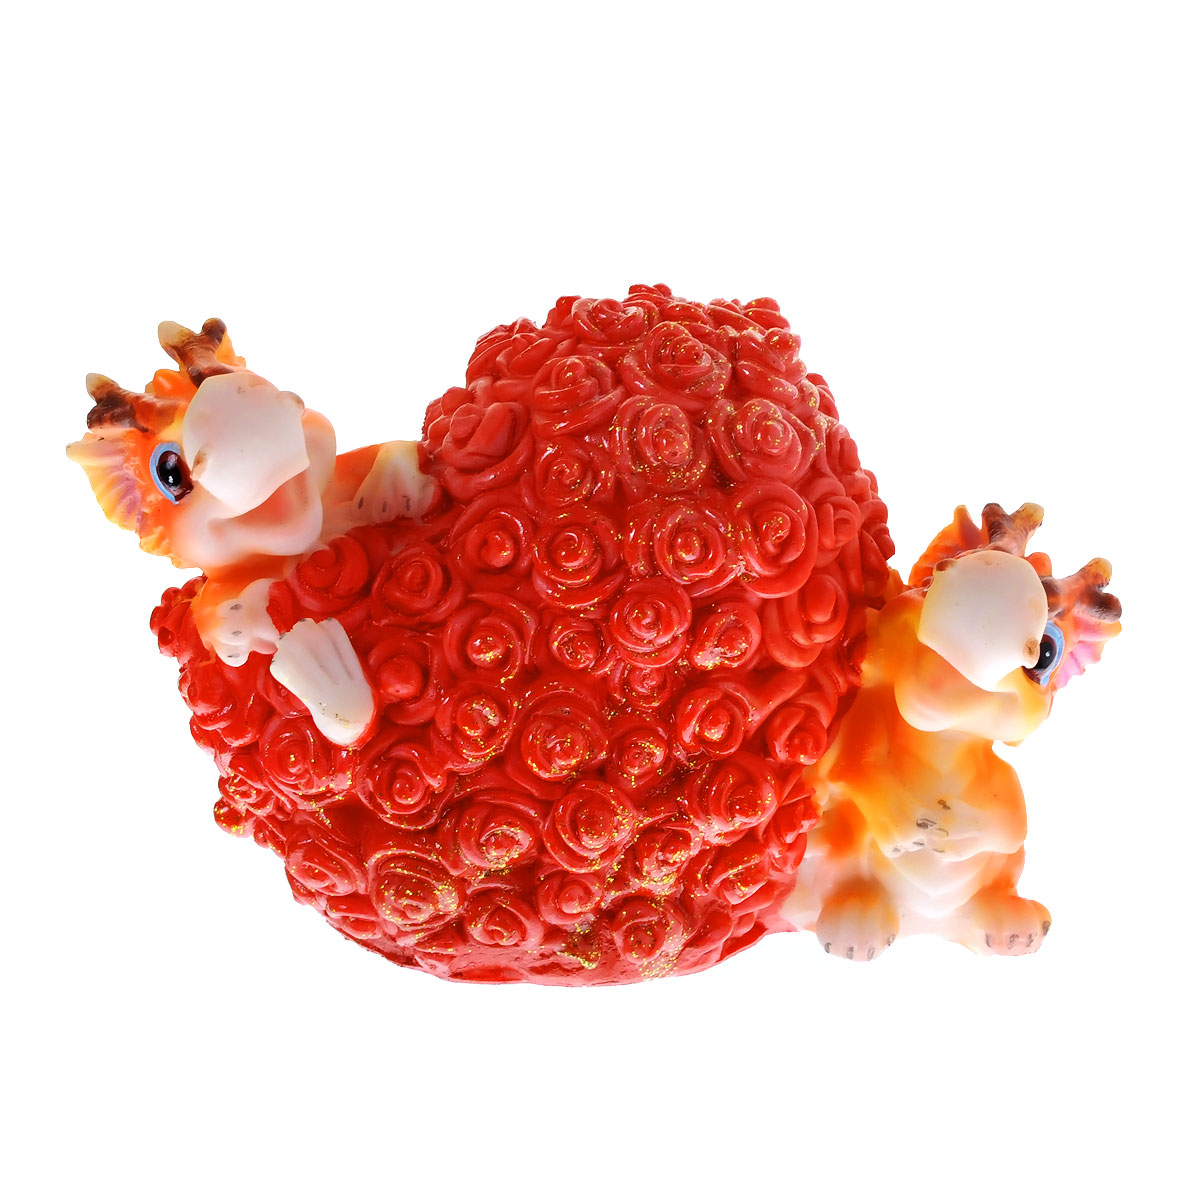 Копилка декоративная Lunten Ranta Дракон и миллион роз38389Декоративная копилка Lunten Ranta Дракон и миллион роз, выполненная из полирезины, станет отличным украшением интерьера вашего дома или офиса. Копилка выполнена в виде двух забавных дракончиков и сердечка из роз. Имеется прорезь для монеток и отверстие на дне изделия, закрывающееся на резиновую пробку, для извлечения денег.Копилка - это оригинальный и нужный подарок на все случаи жизни. Также она может стать оригинальным подарком для всех любителей стильных вещей. Размер статуэтки: 12 см х 9 см х 7 см.